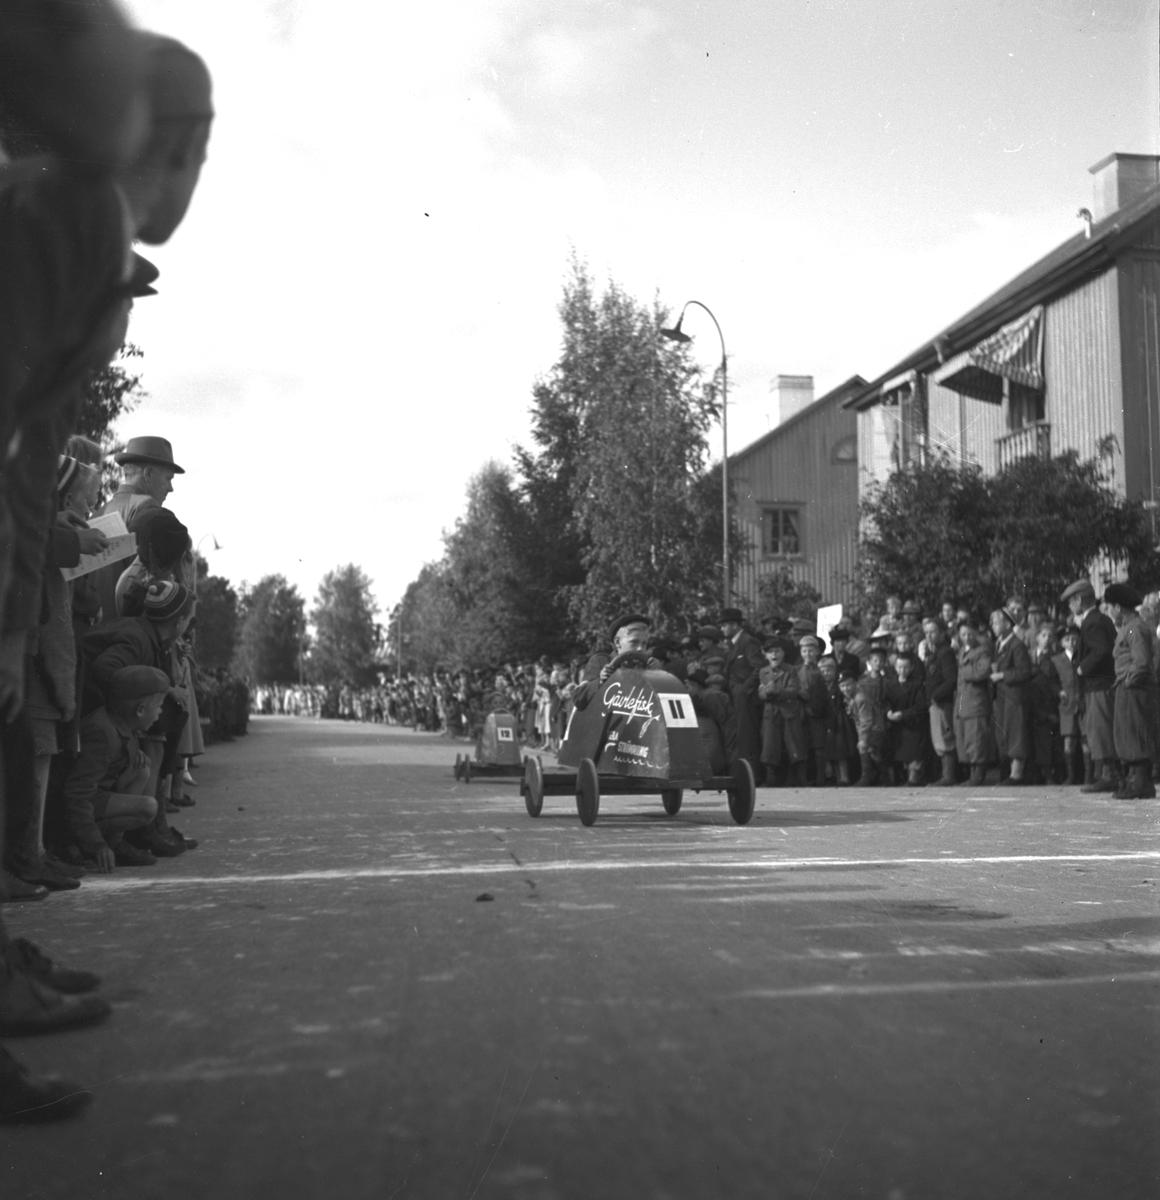 KFUM:s Pojkracertävling. September 1944. Nynäs. Bil nr 11 Gävle Fisk